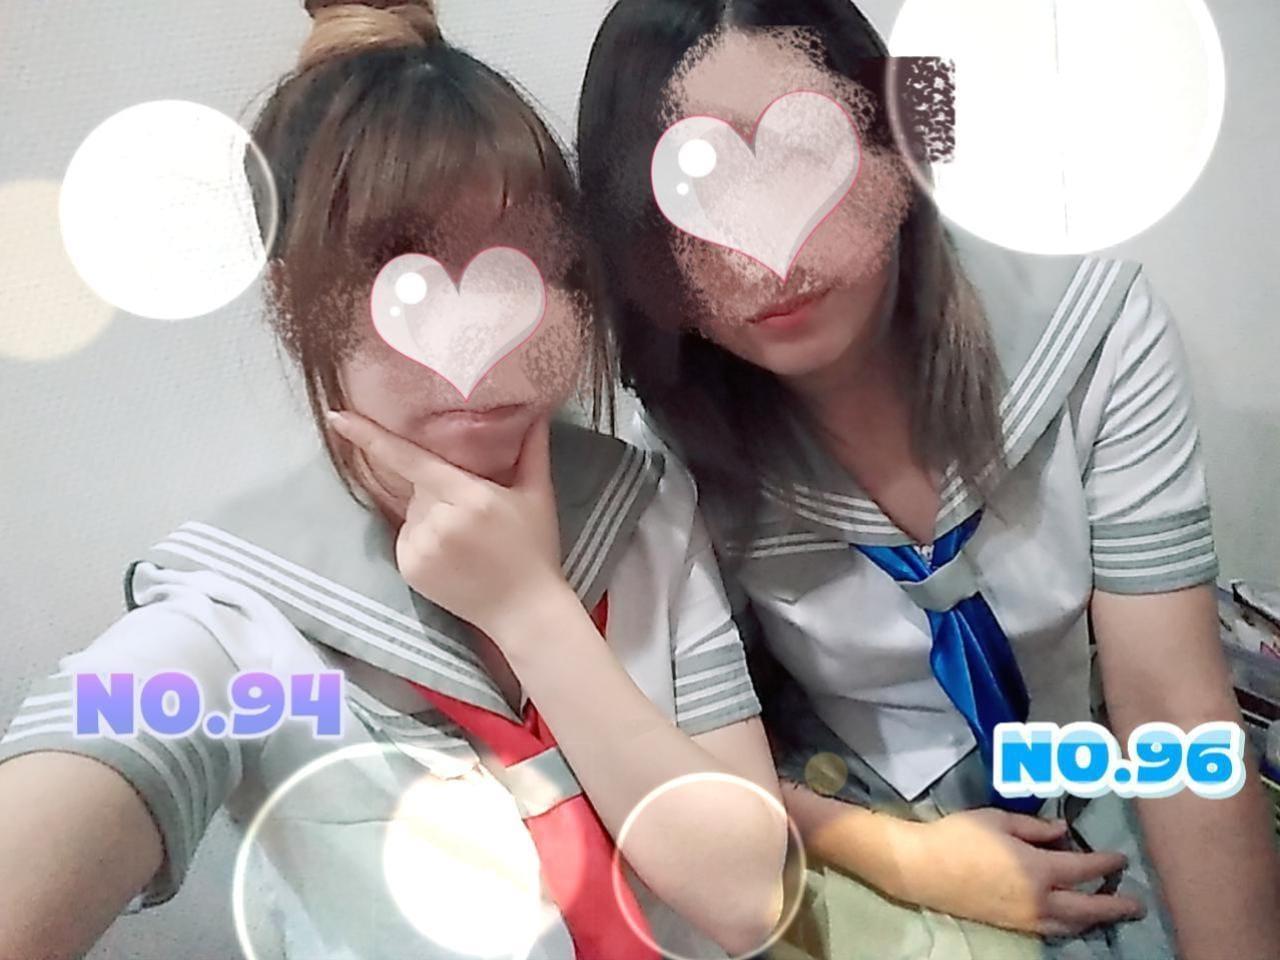 「No.94 小泉 日々の感謝」02/09(火) 15:47 | 小泉の写メ・風俗動画